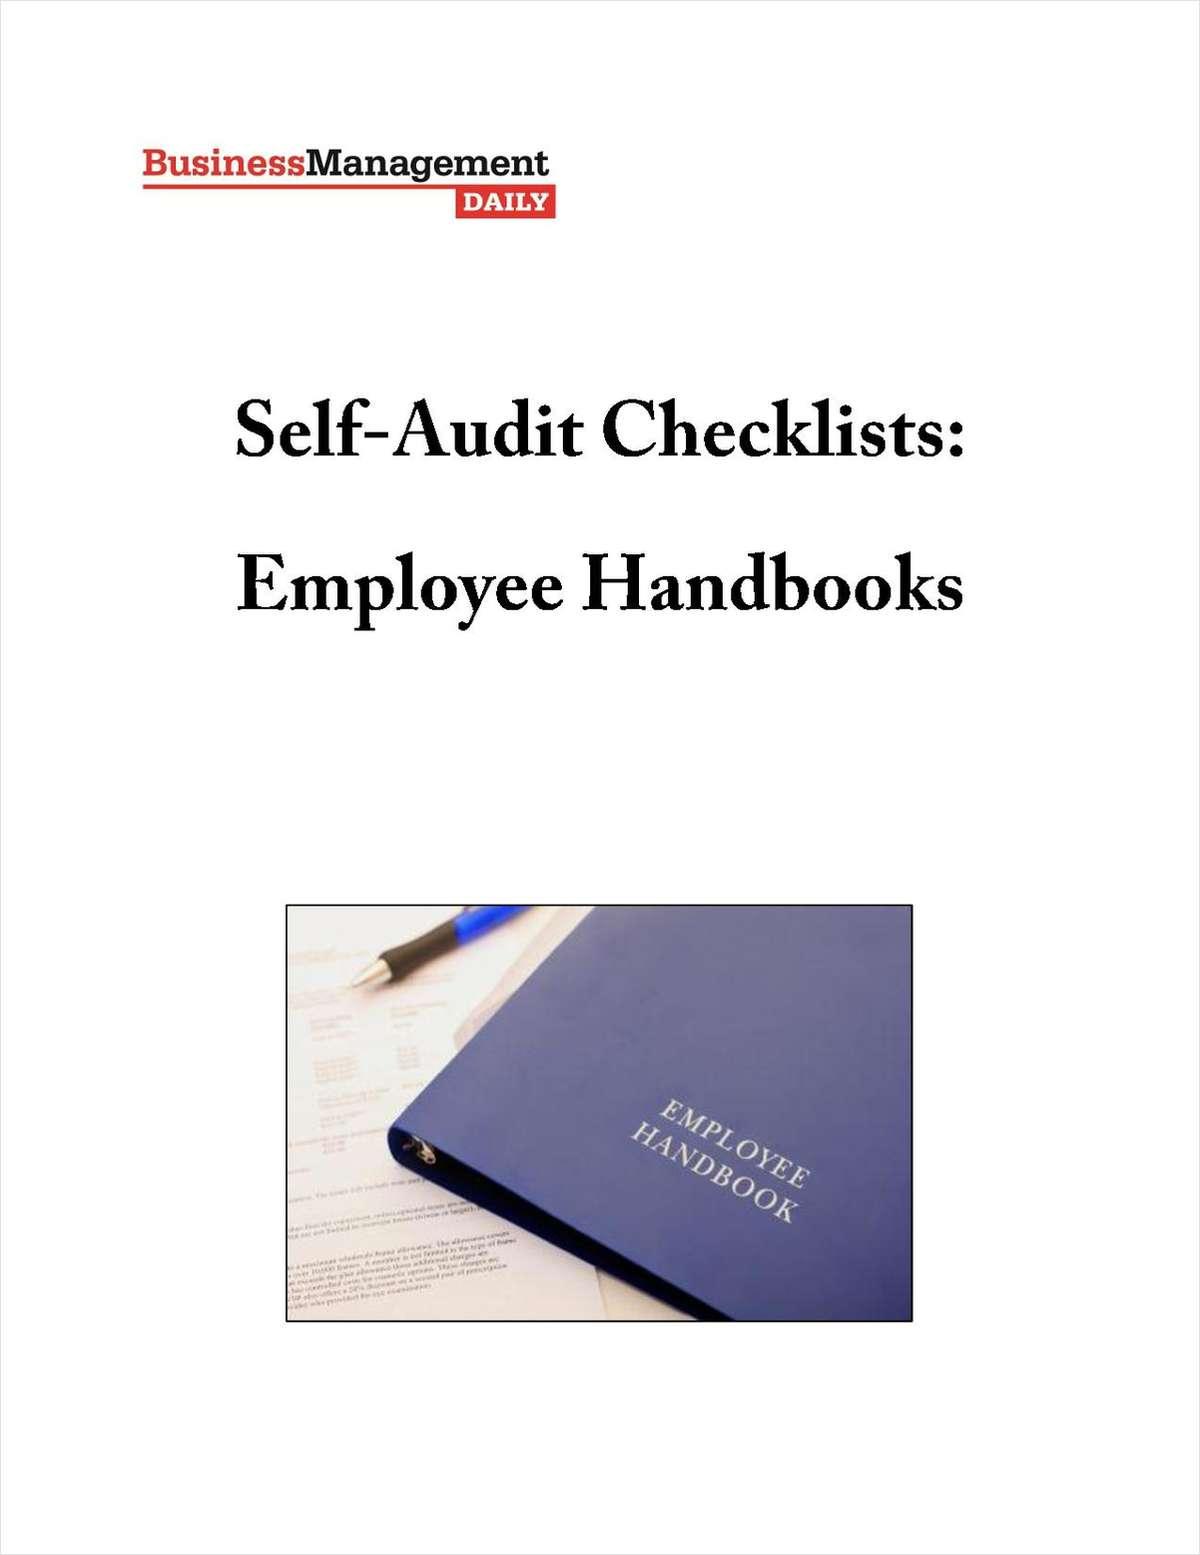 Self-Audit Checklist: Your Employee Handbook